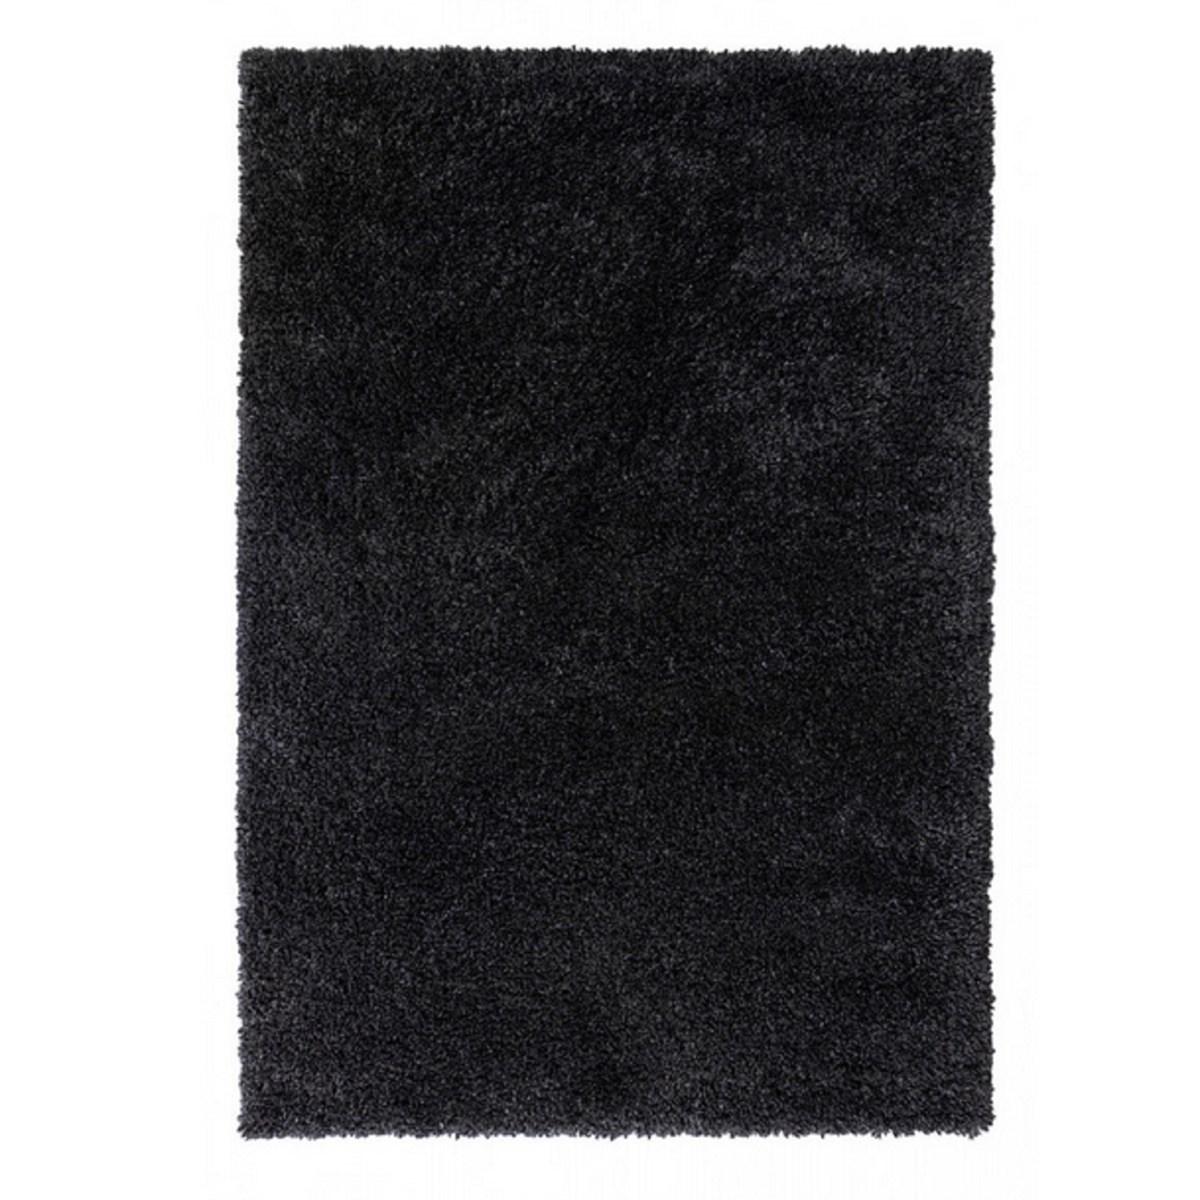 Tapis shaggy en Polypropylène Noir 80x160 cm